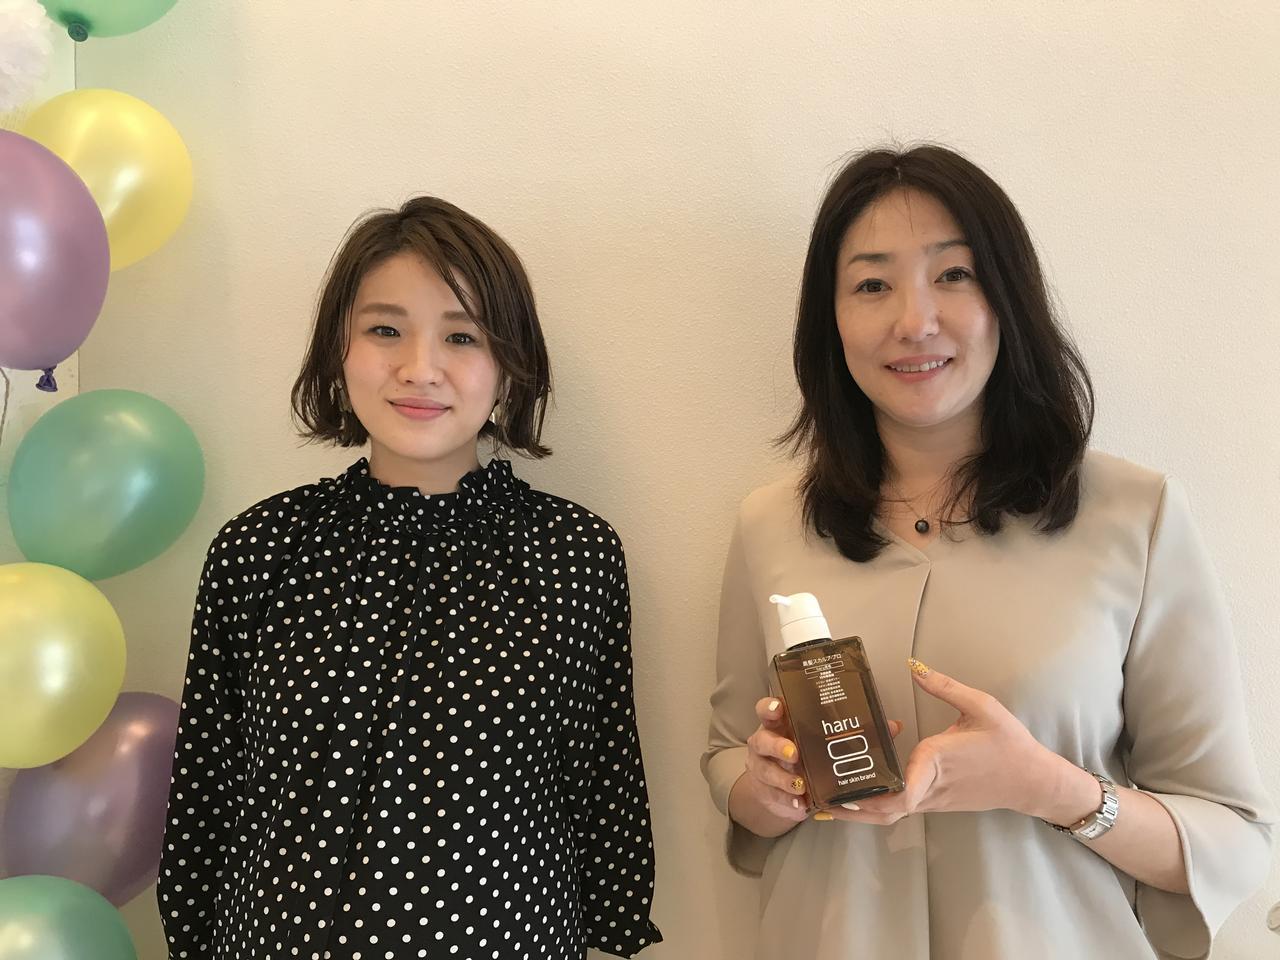 画像: (左から)SHOKOさん・鮫島貴子さん